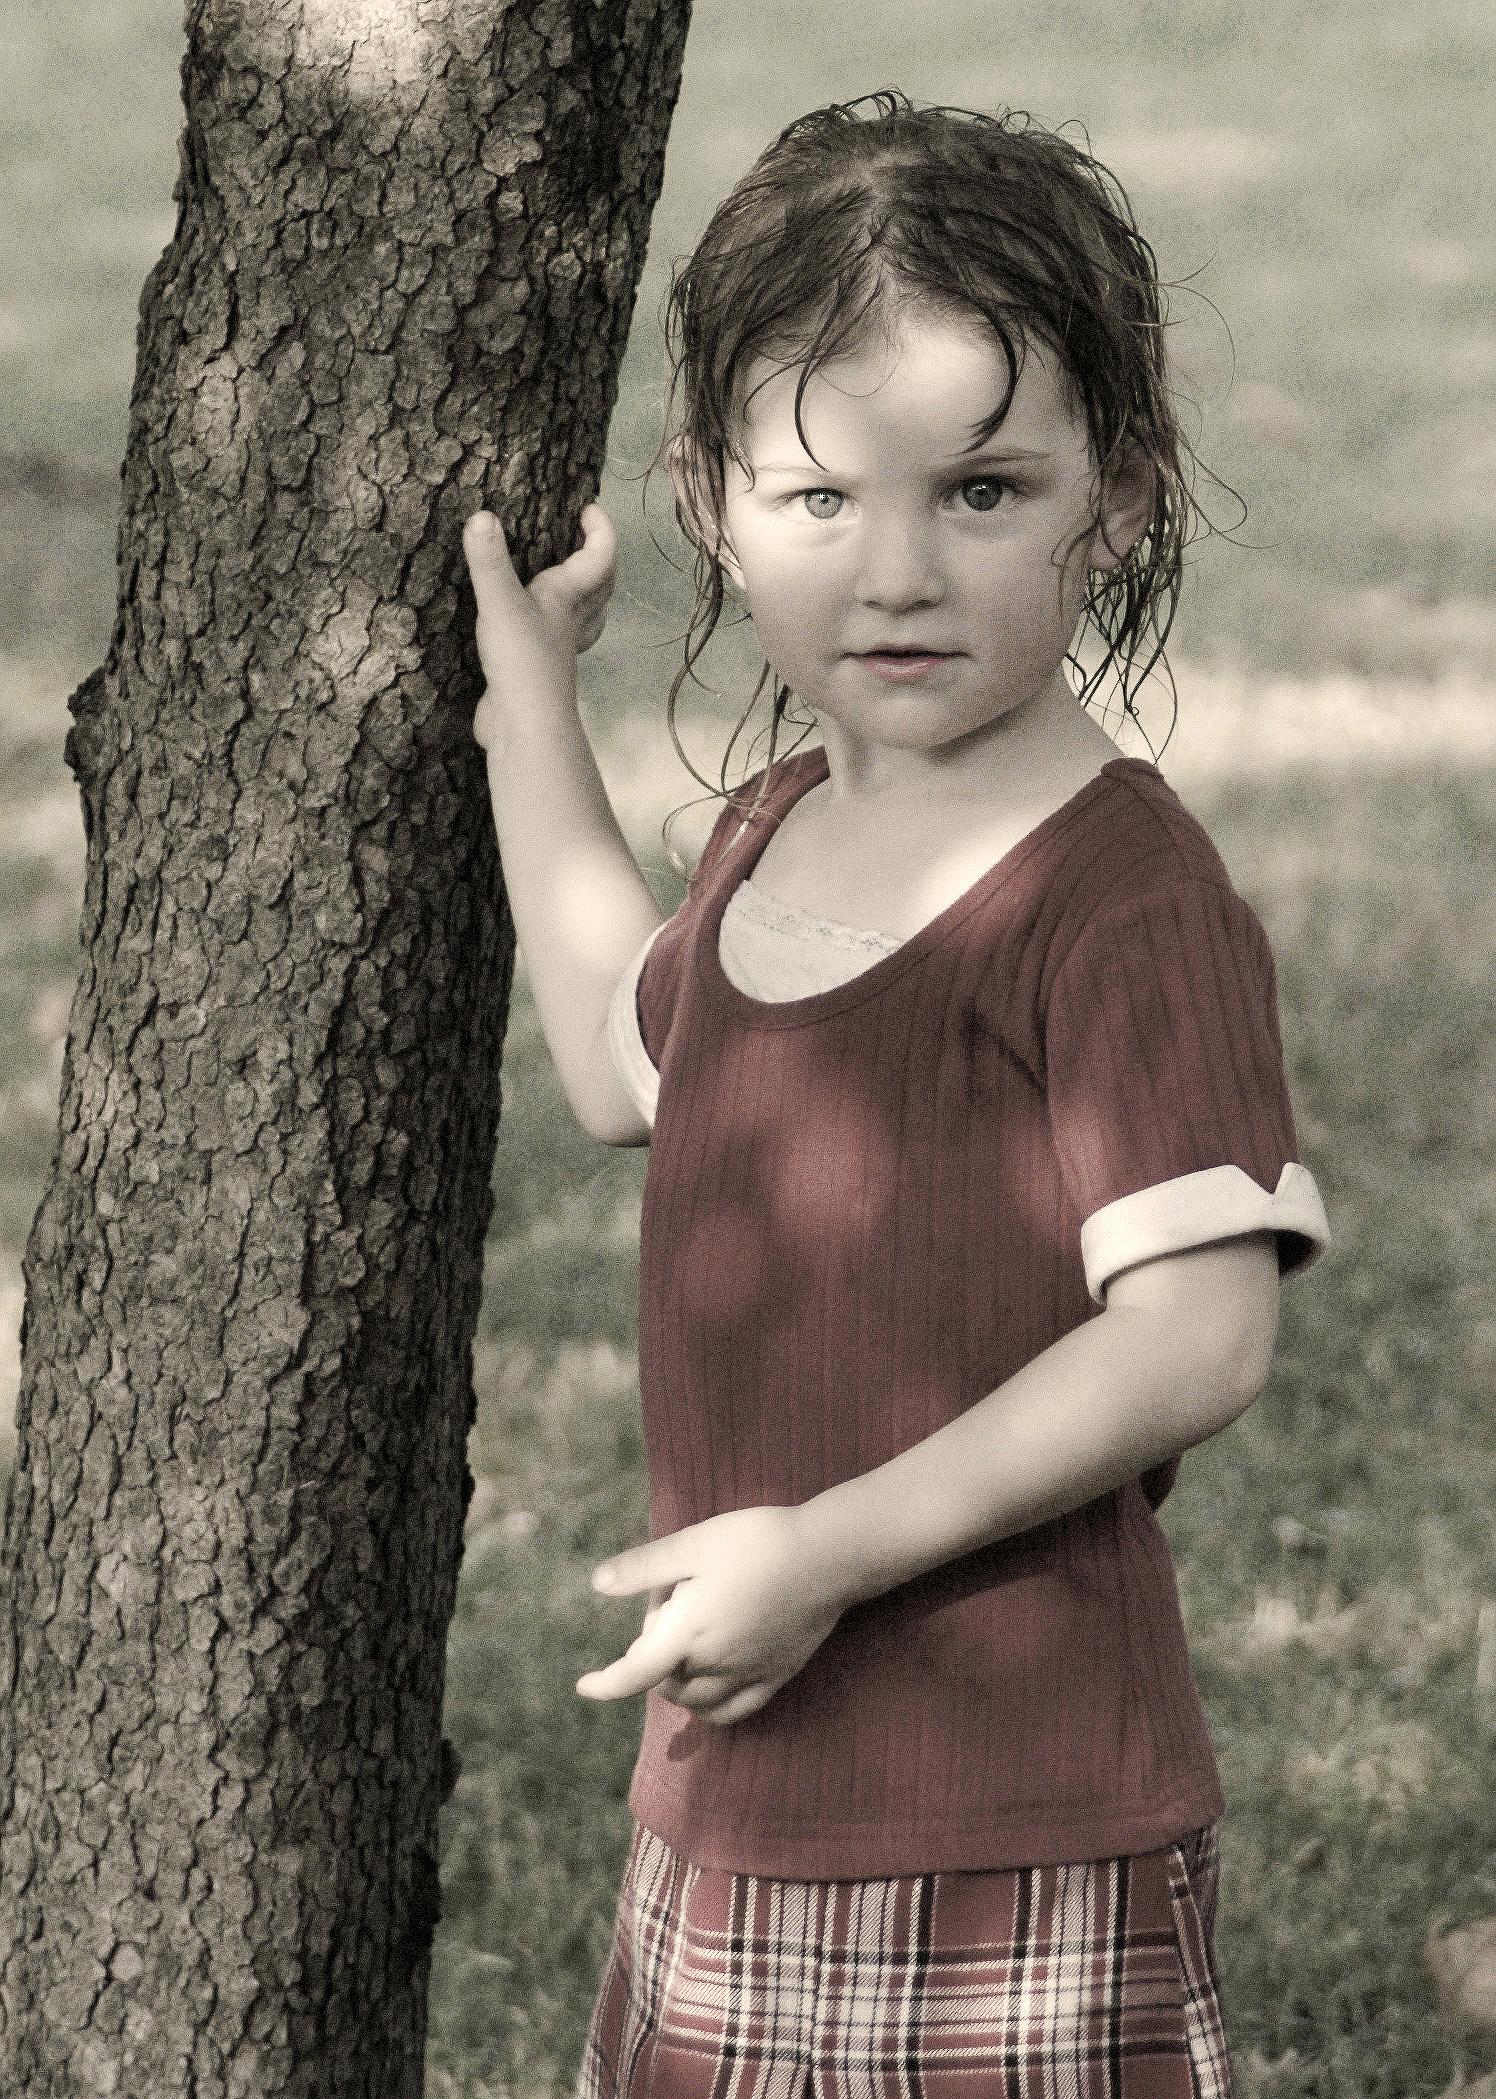 littlematchbookgirl.jpg